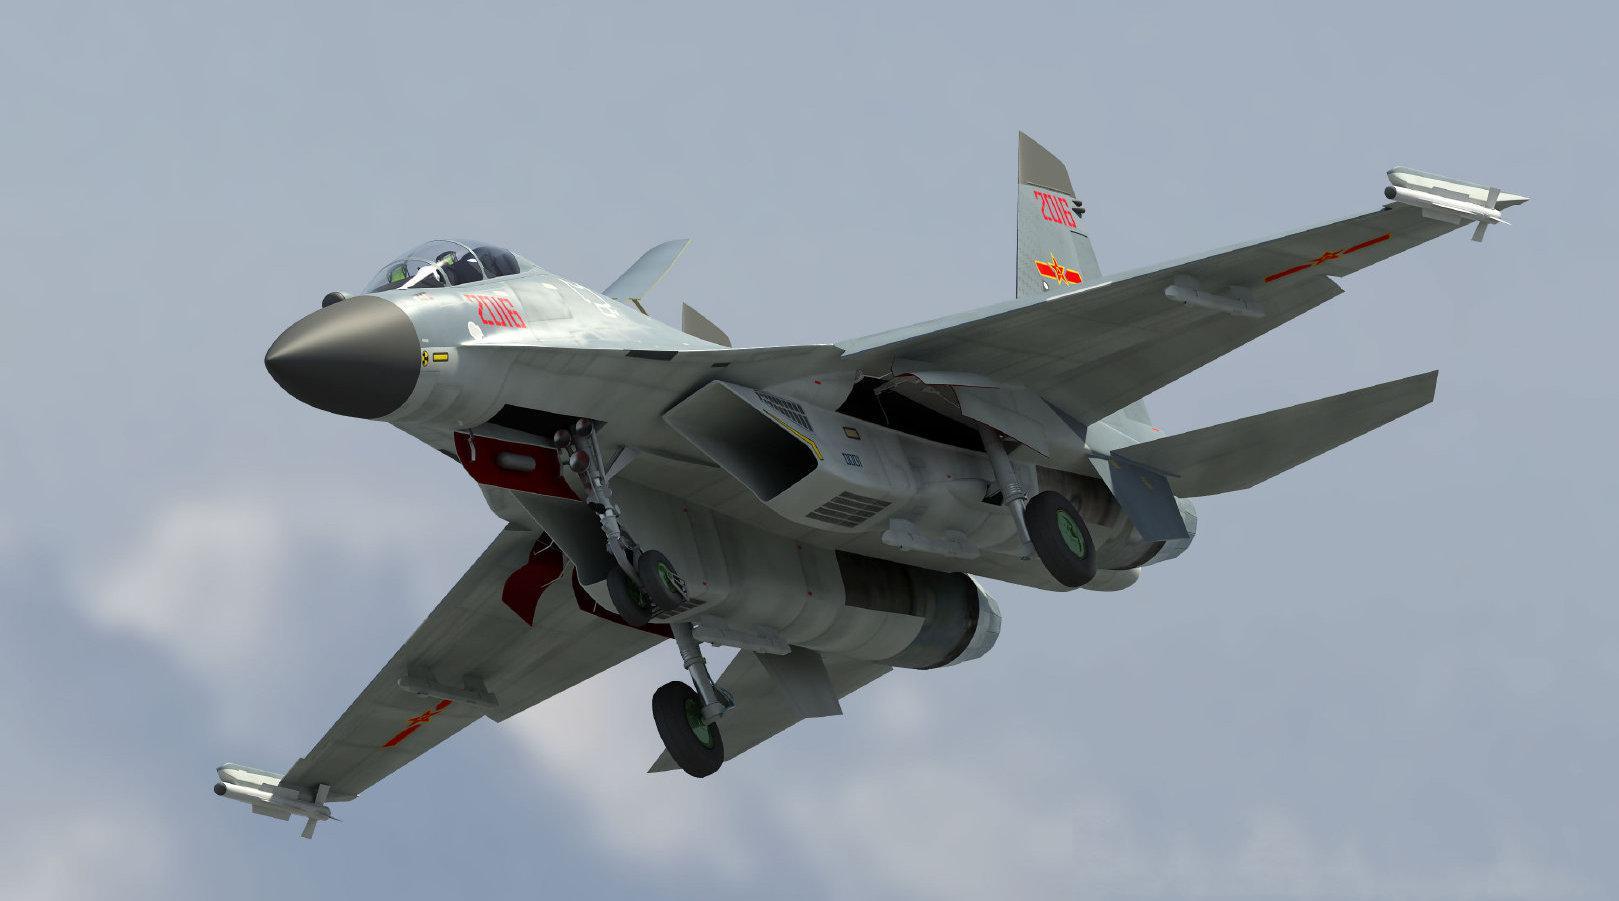 国产四代机实力强悍,可碾压法国阵风战机,综合实力追平苏-35